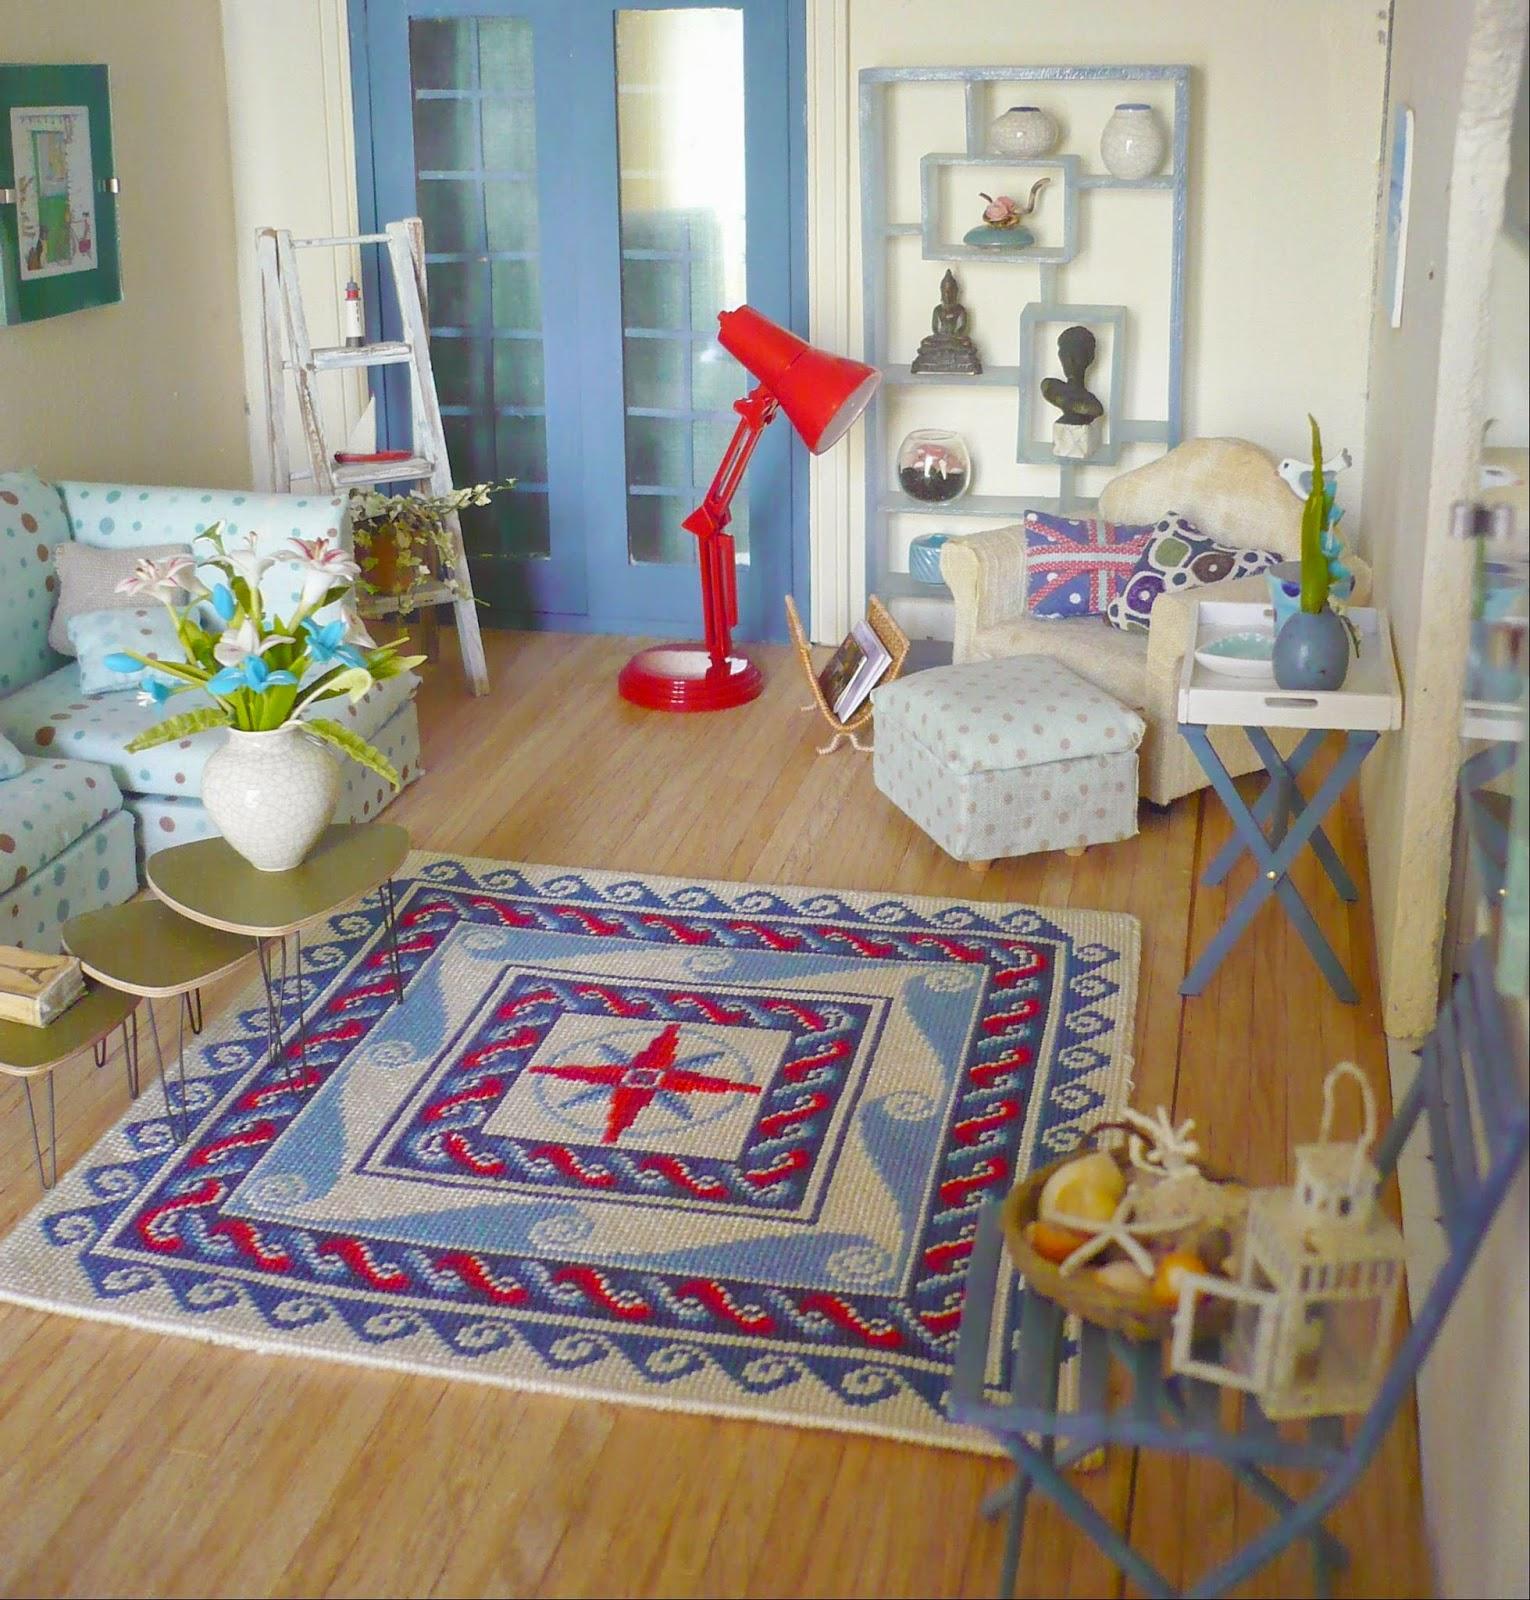 genevieve 39 s miniacollection bienvenue et mes tapis dans la maison bord de mer welcome and my. Black Bedroom Furniture Sets. Home Design Ideas